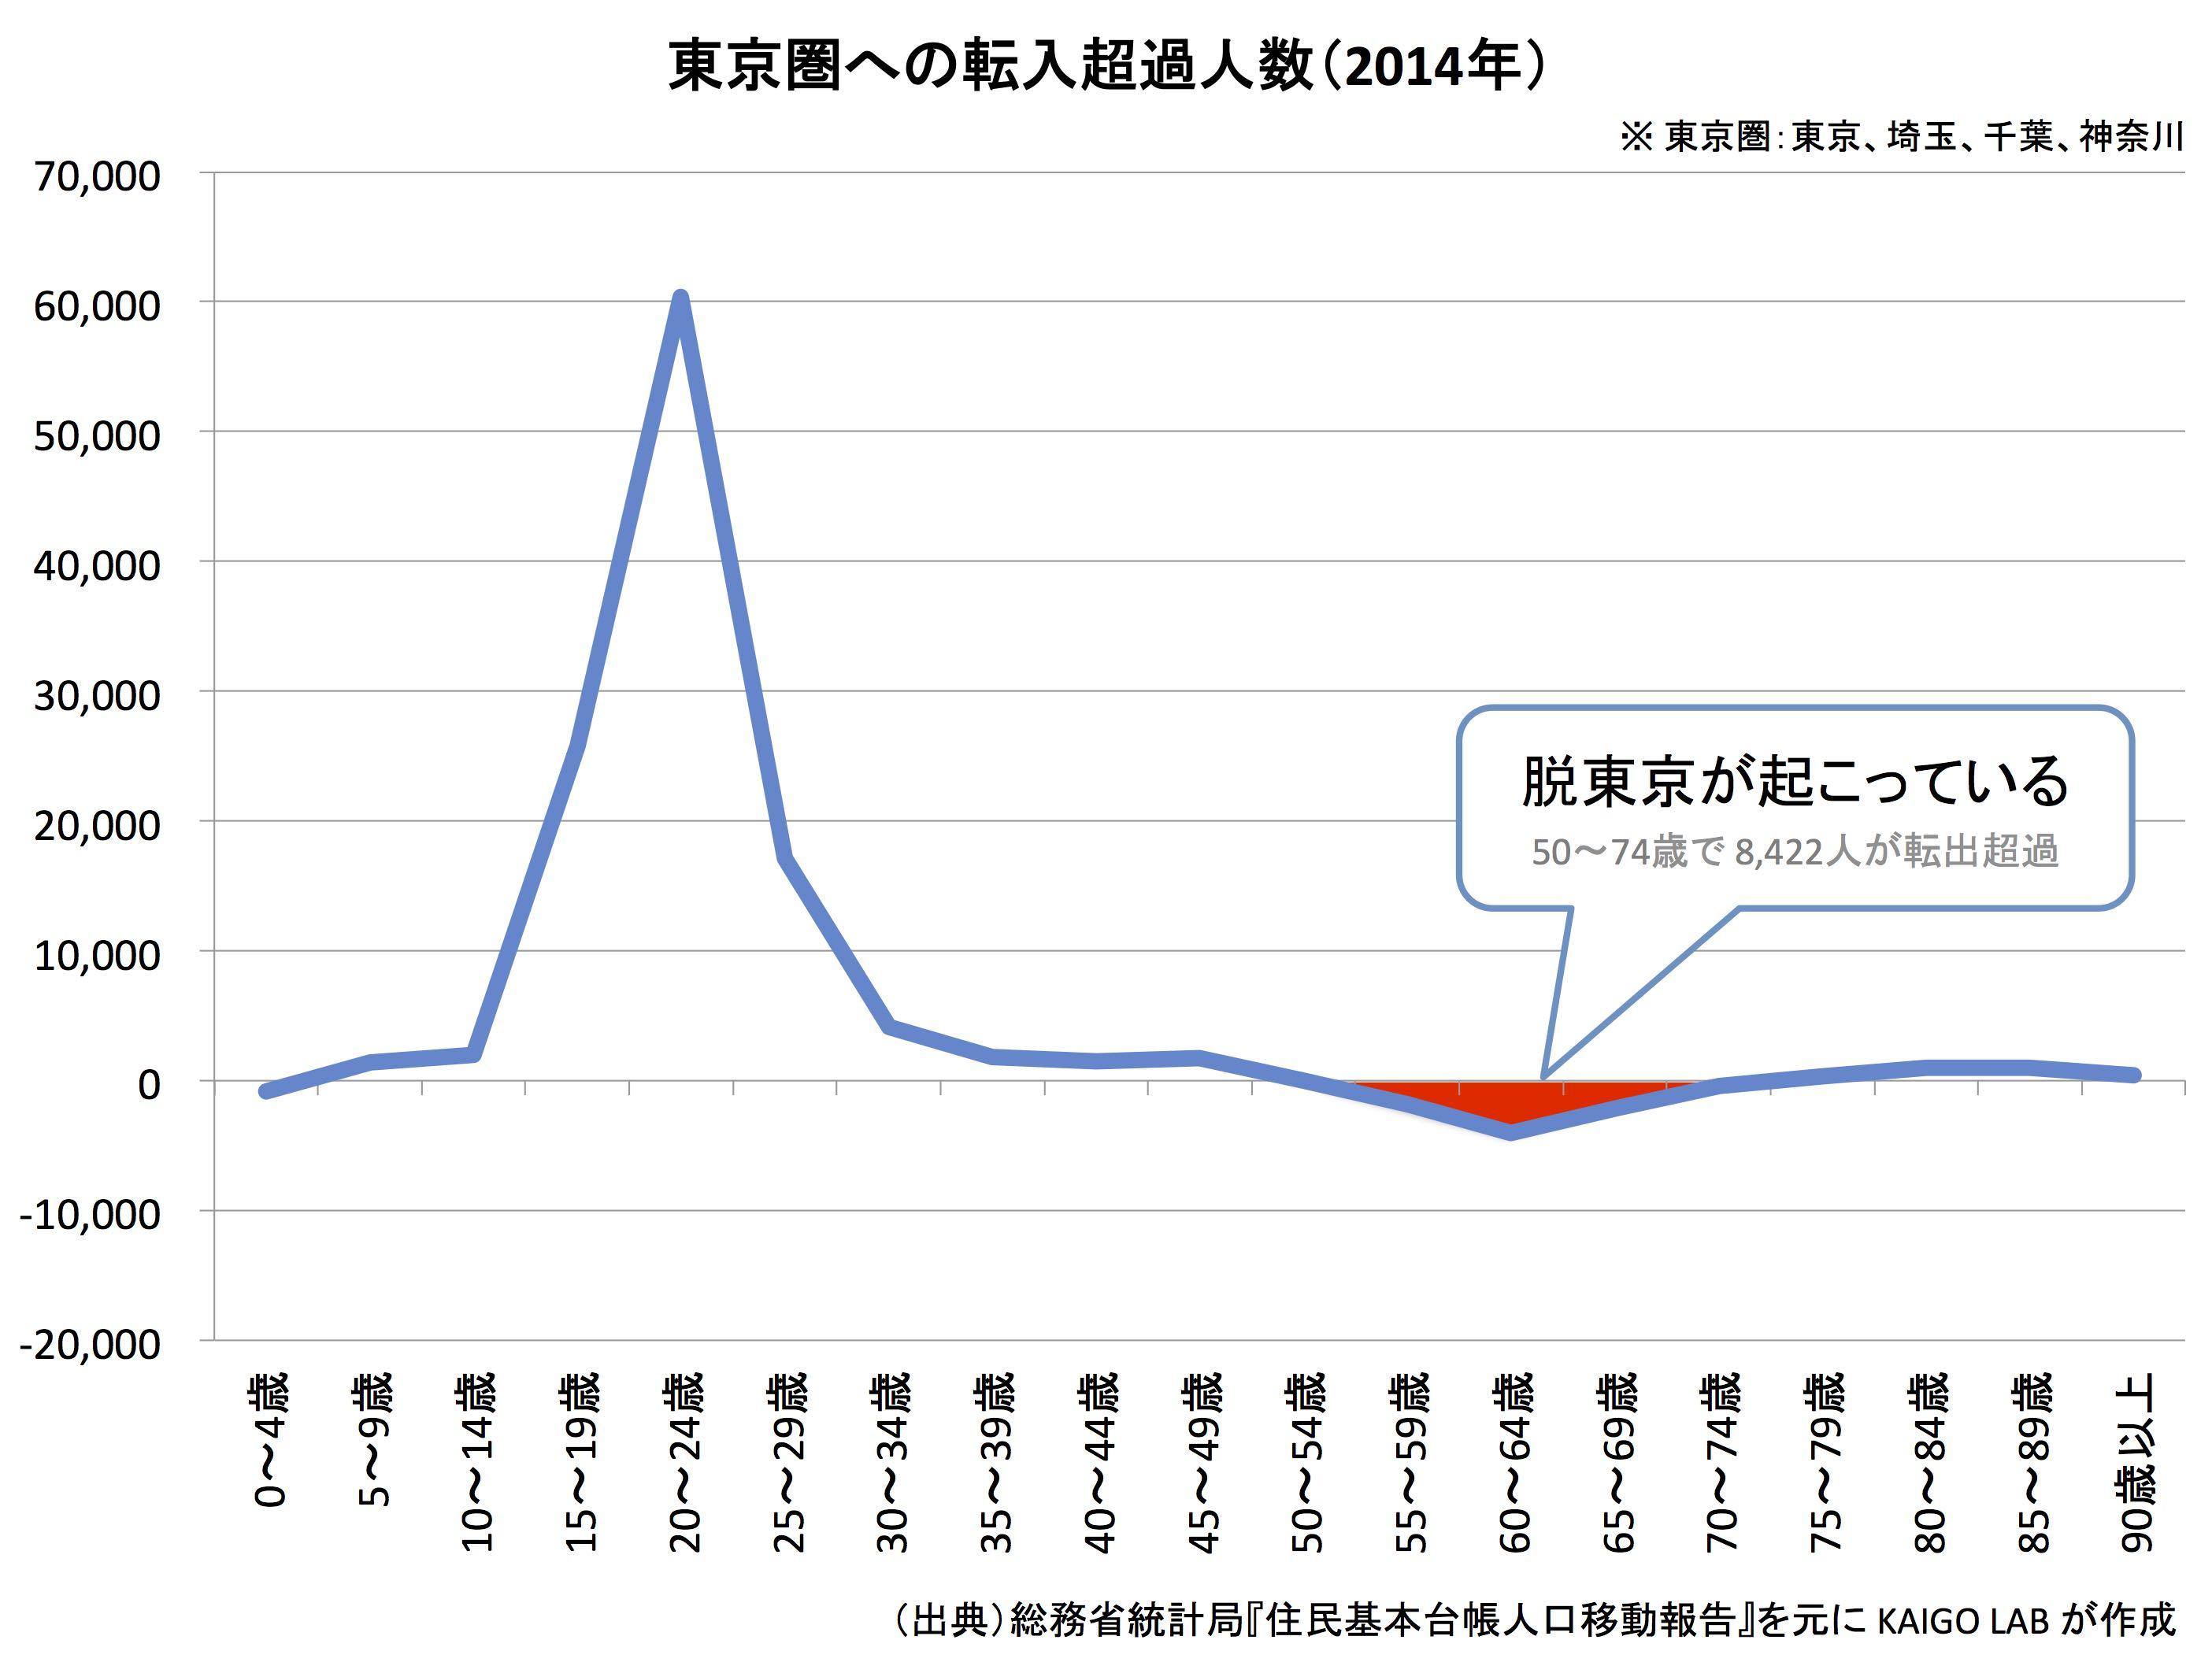 東京圏への転入超過人数(2014年)